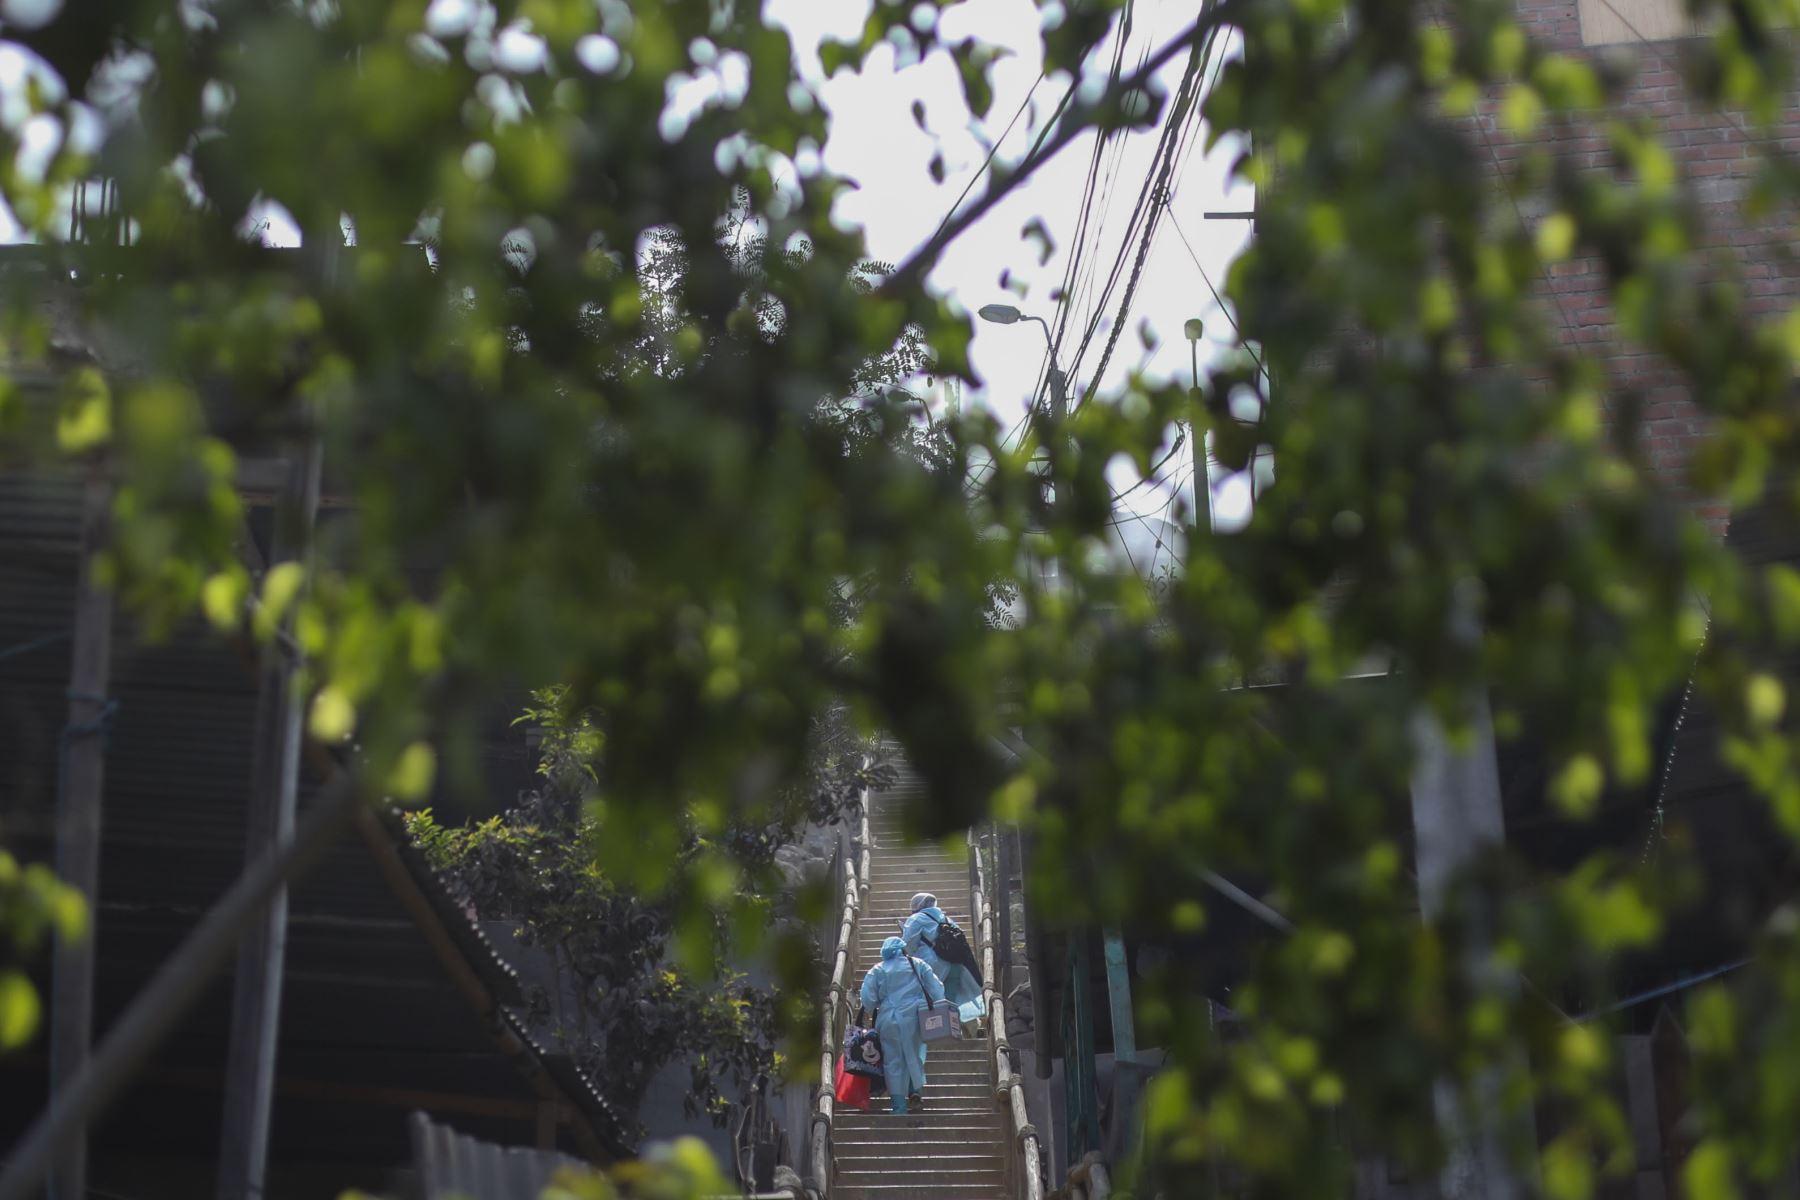 """Brigadas del Ministerio de Salud, continúan con la campaña """"Vamos a tu encuentro, Vacúnate Ya"""".  Vacunación casa por casa en los alrededores del AAHH Cruz de Motupe en San Juan de Lurigancho. El personal de salud se moviliza mediante Mototaxis y a pie, que facilitan el traslado y acceso a las zonas alejadas de donde se realiza la campaña integral. Foto: ANDINA/Carla Patiño"""